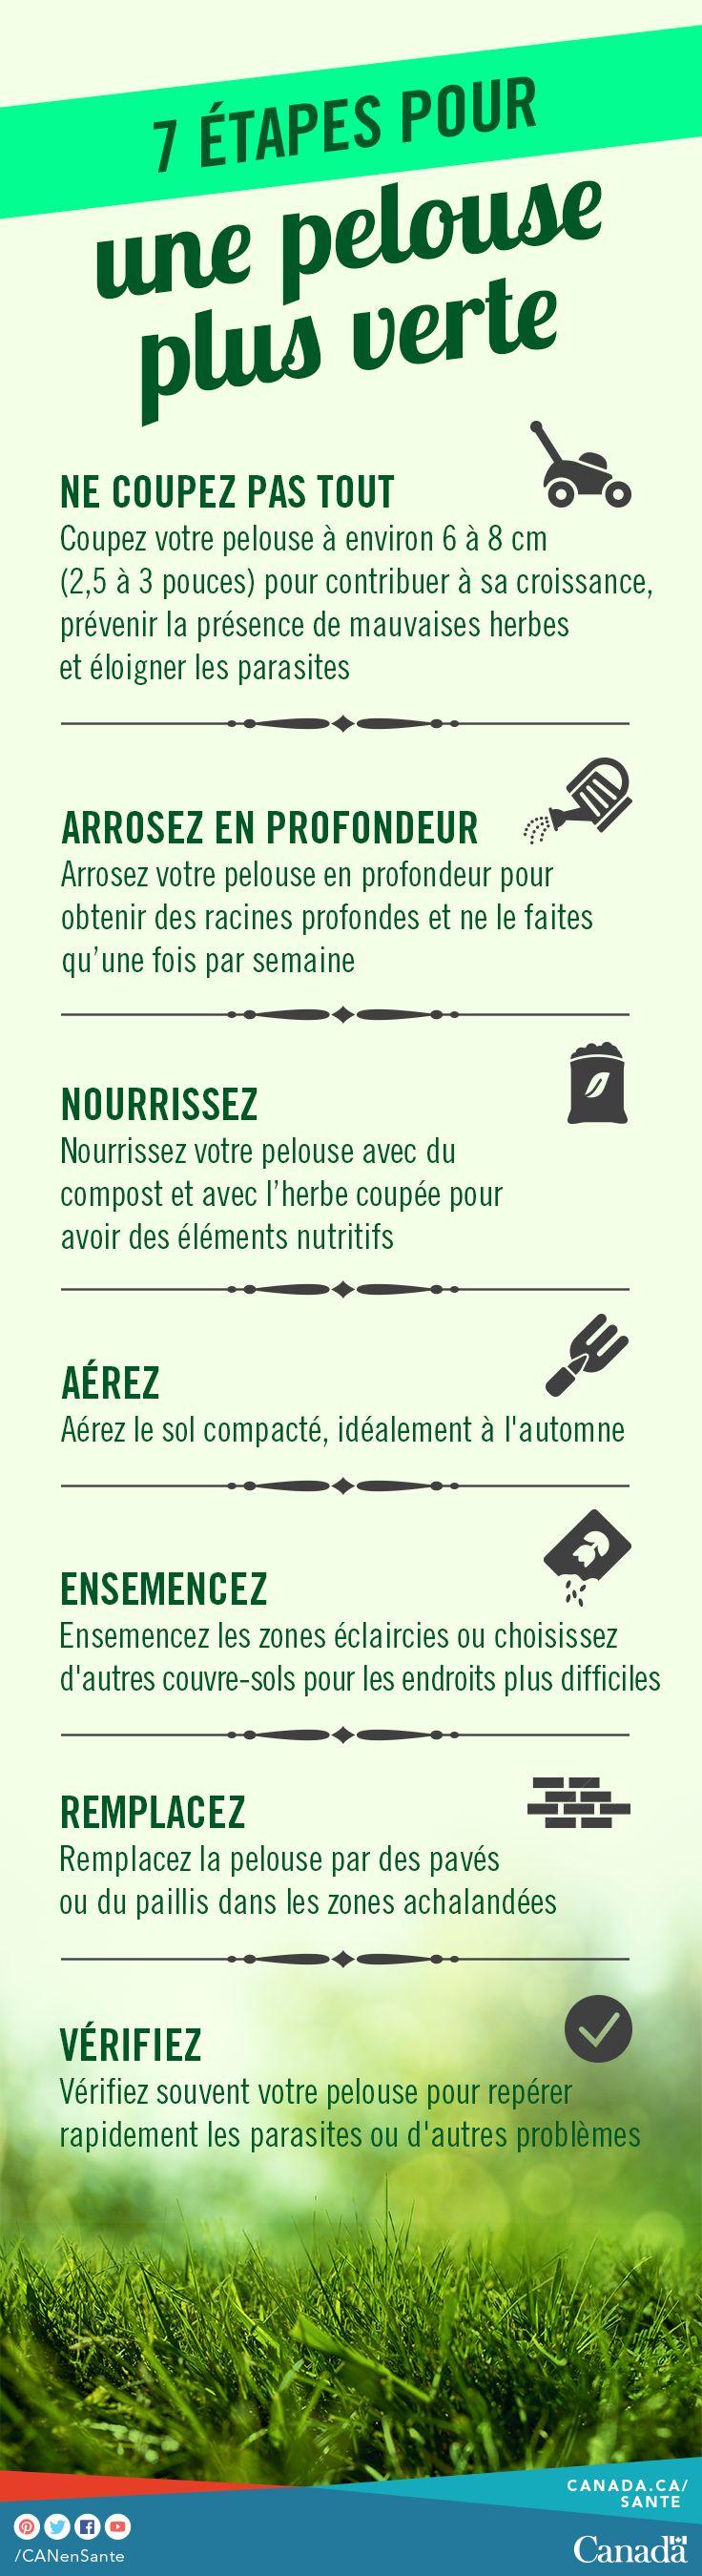 Le voisinage enviera votre pelouse avec ces excellents conseils pour une pelouse verdoyante.  http://www.canadiensensante.gc.ca/healthy-living-vie-saine/environment-environnement/home-maison/lawn_healthy-saine_pelouse-fra.php?utm_source=pinterest_hcdns&utm_medium=social_fr&utm_content=apr24_grass&utm_campaign=social_media_16